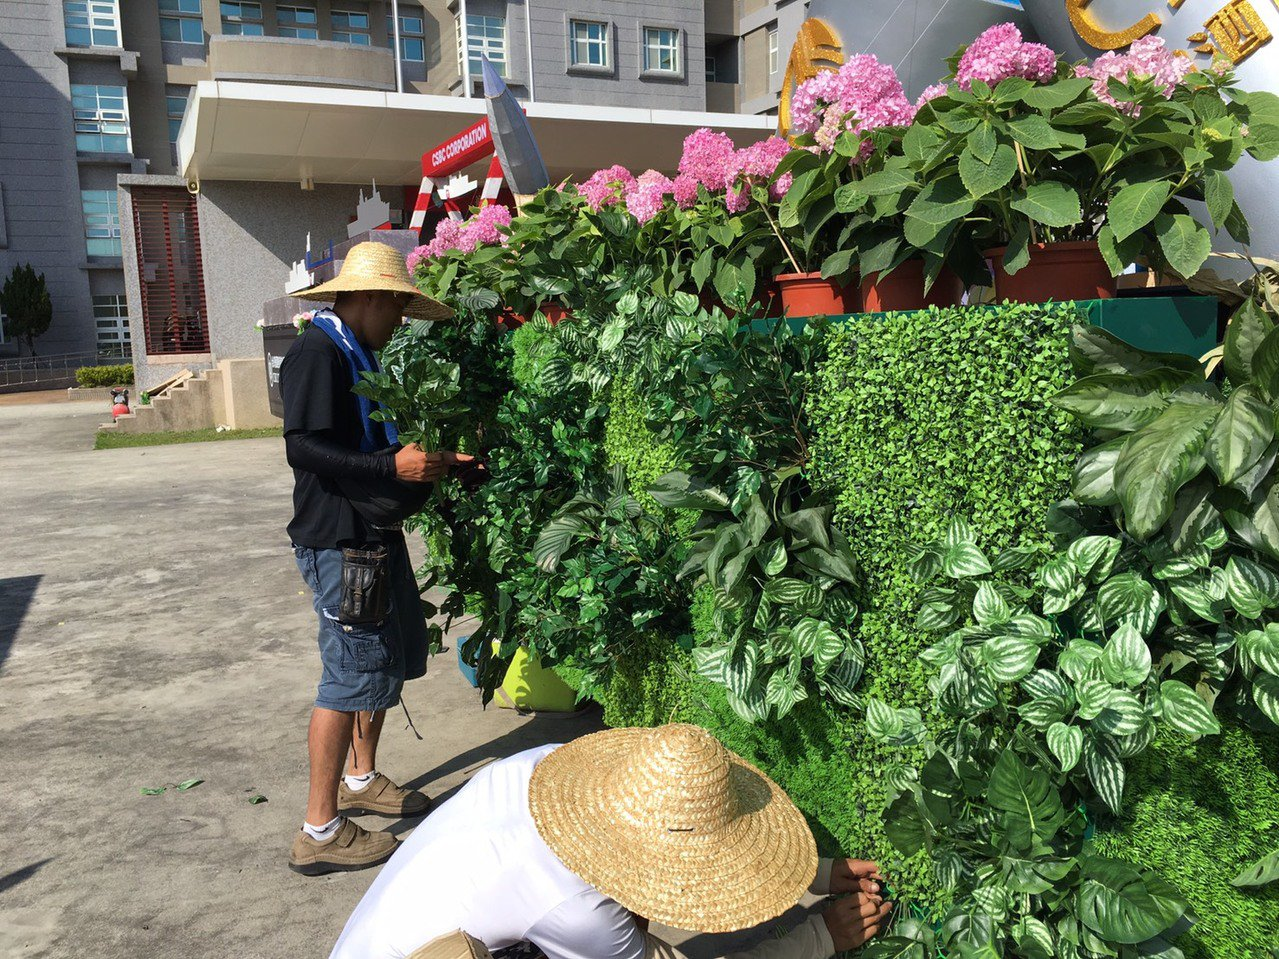 許多工作人員今天在烈日下趕著裝飾花車。記者吳姿賢/攝影